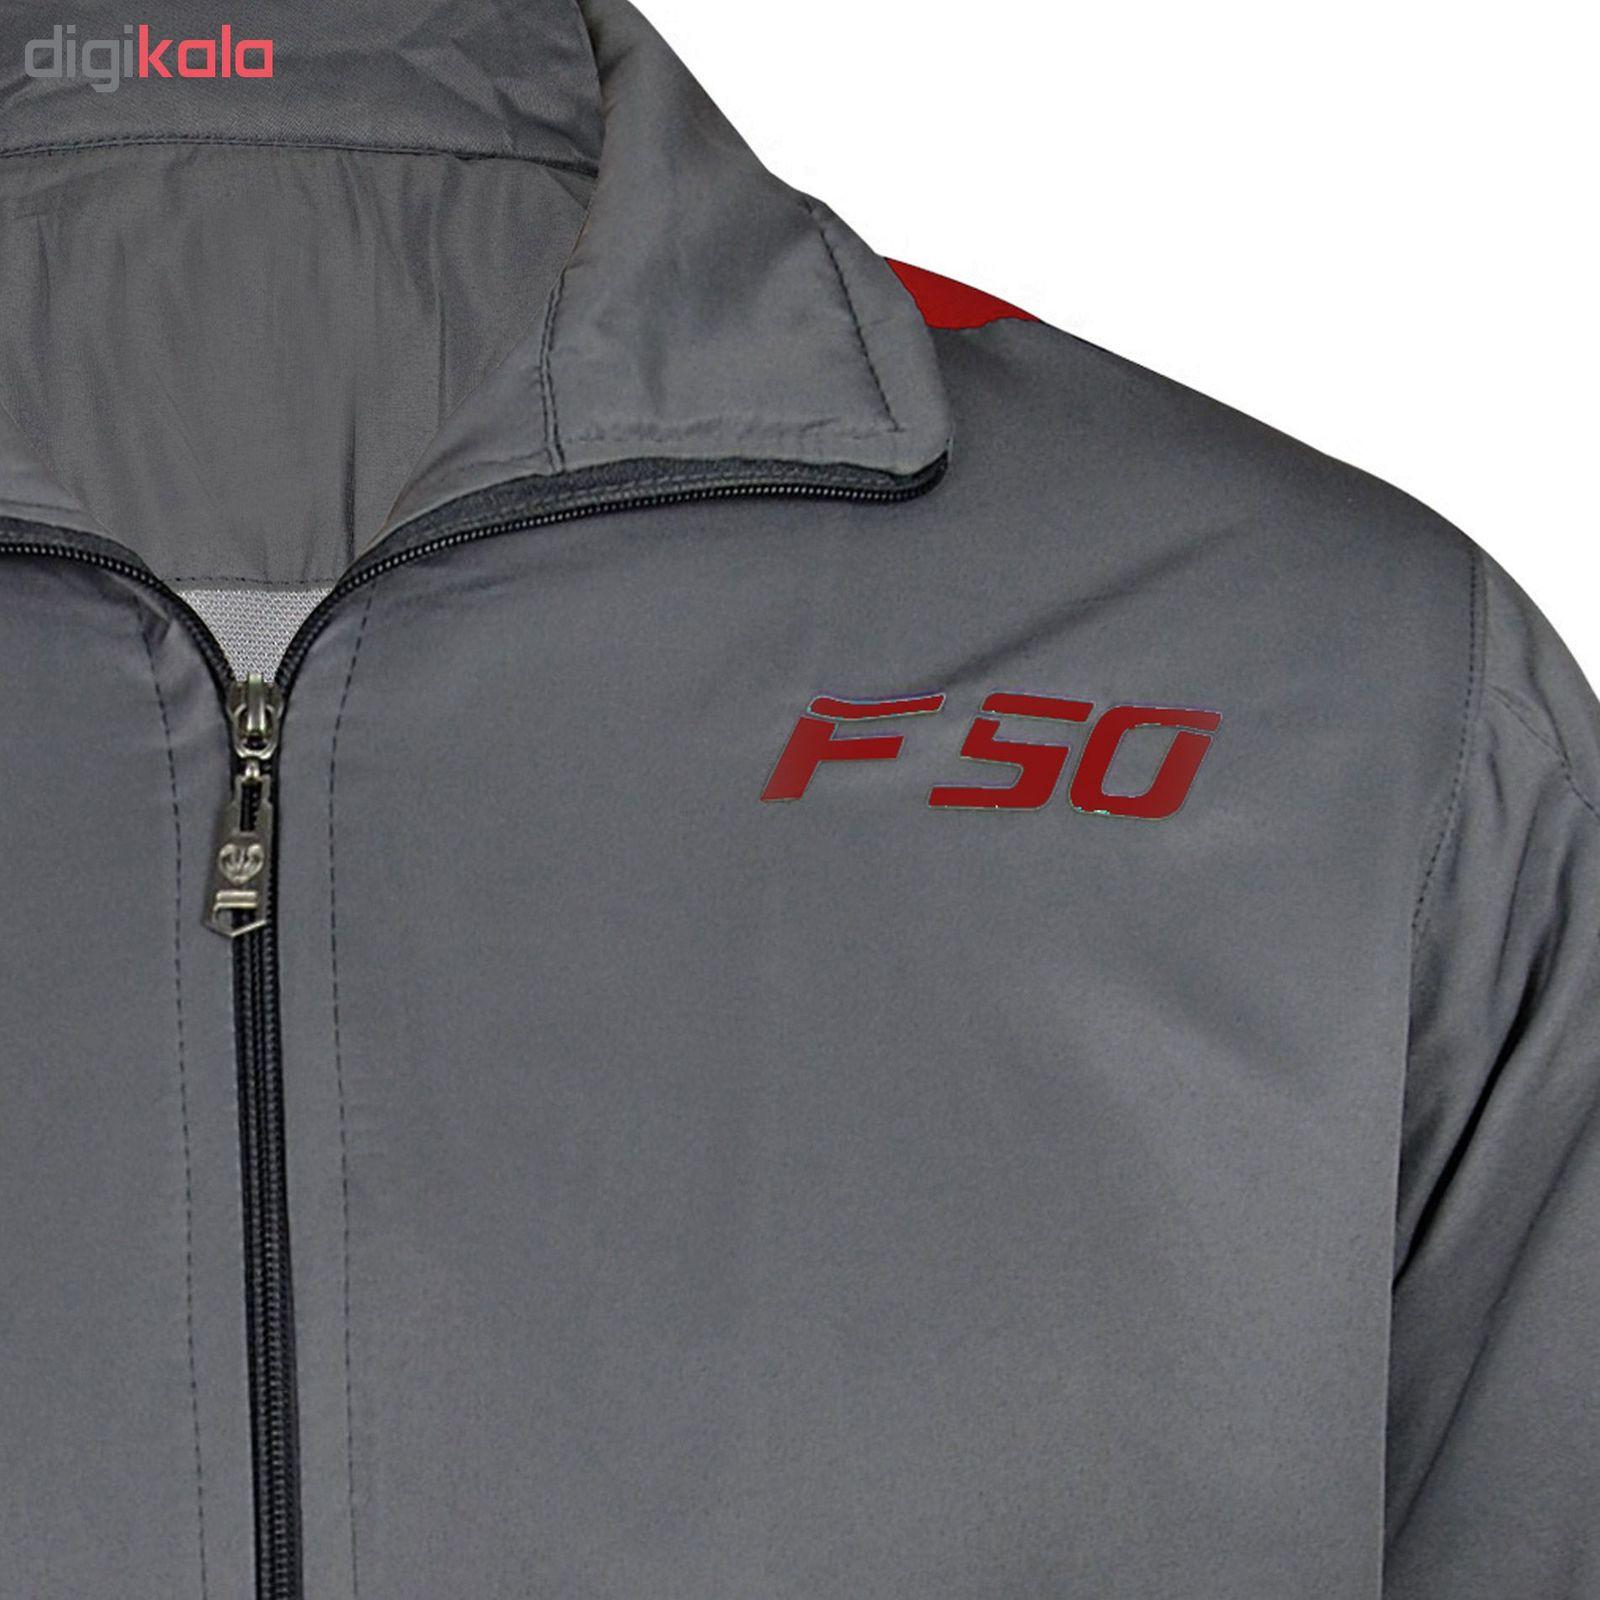 ست گرمکن و شلوار ورزشی مردانه کد 3109-321 main 1 2